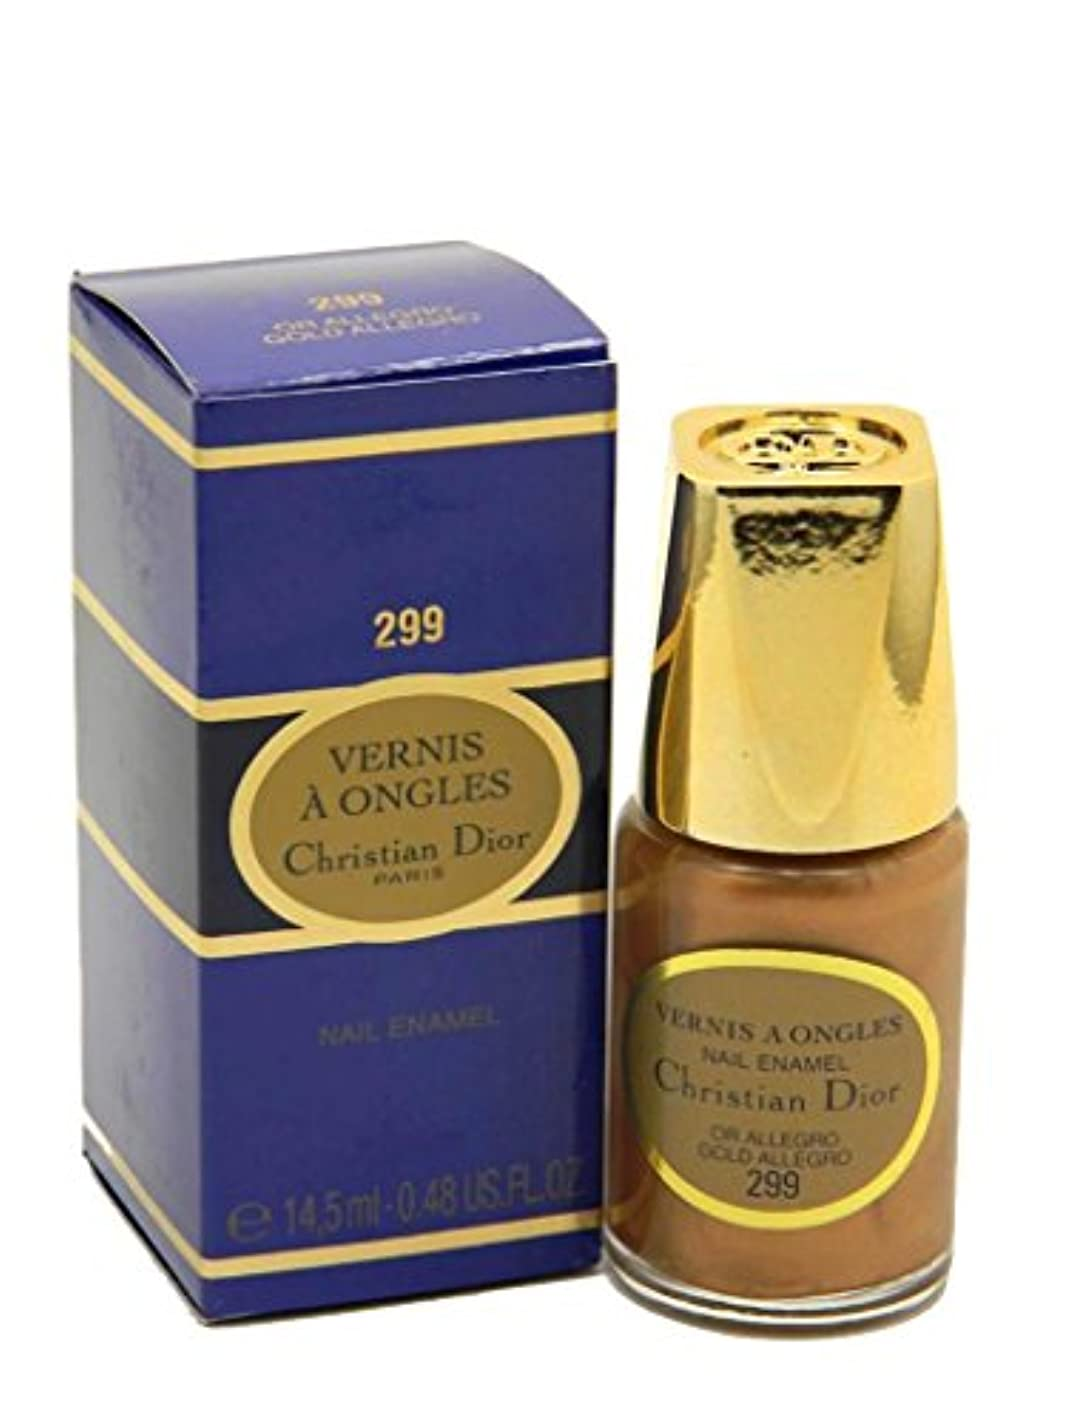 傭兵セメントデコレーションDior Vernis A Ongles Nail Enamel Polish 299 Gold Allegro(ディオール ヴェルニ ア オングル ネイルエナメル ポリッシュ 299 ゴールドアレグロ) [並行輸入品]